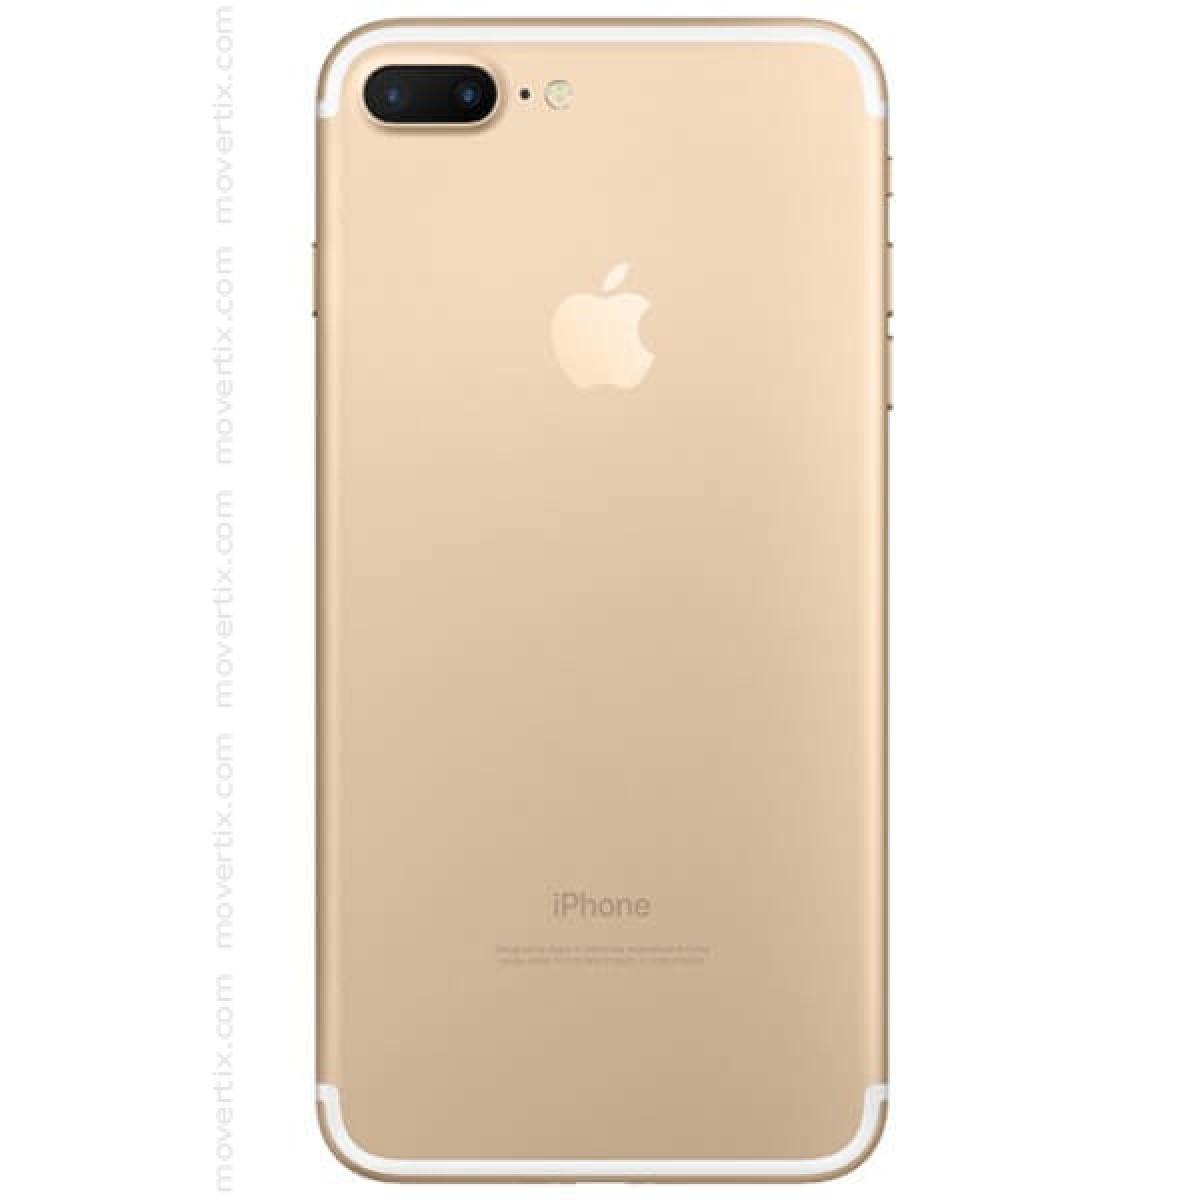 Iphone  Etats Unis Prix